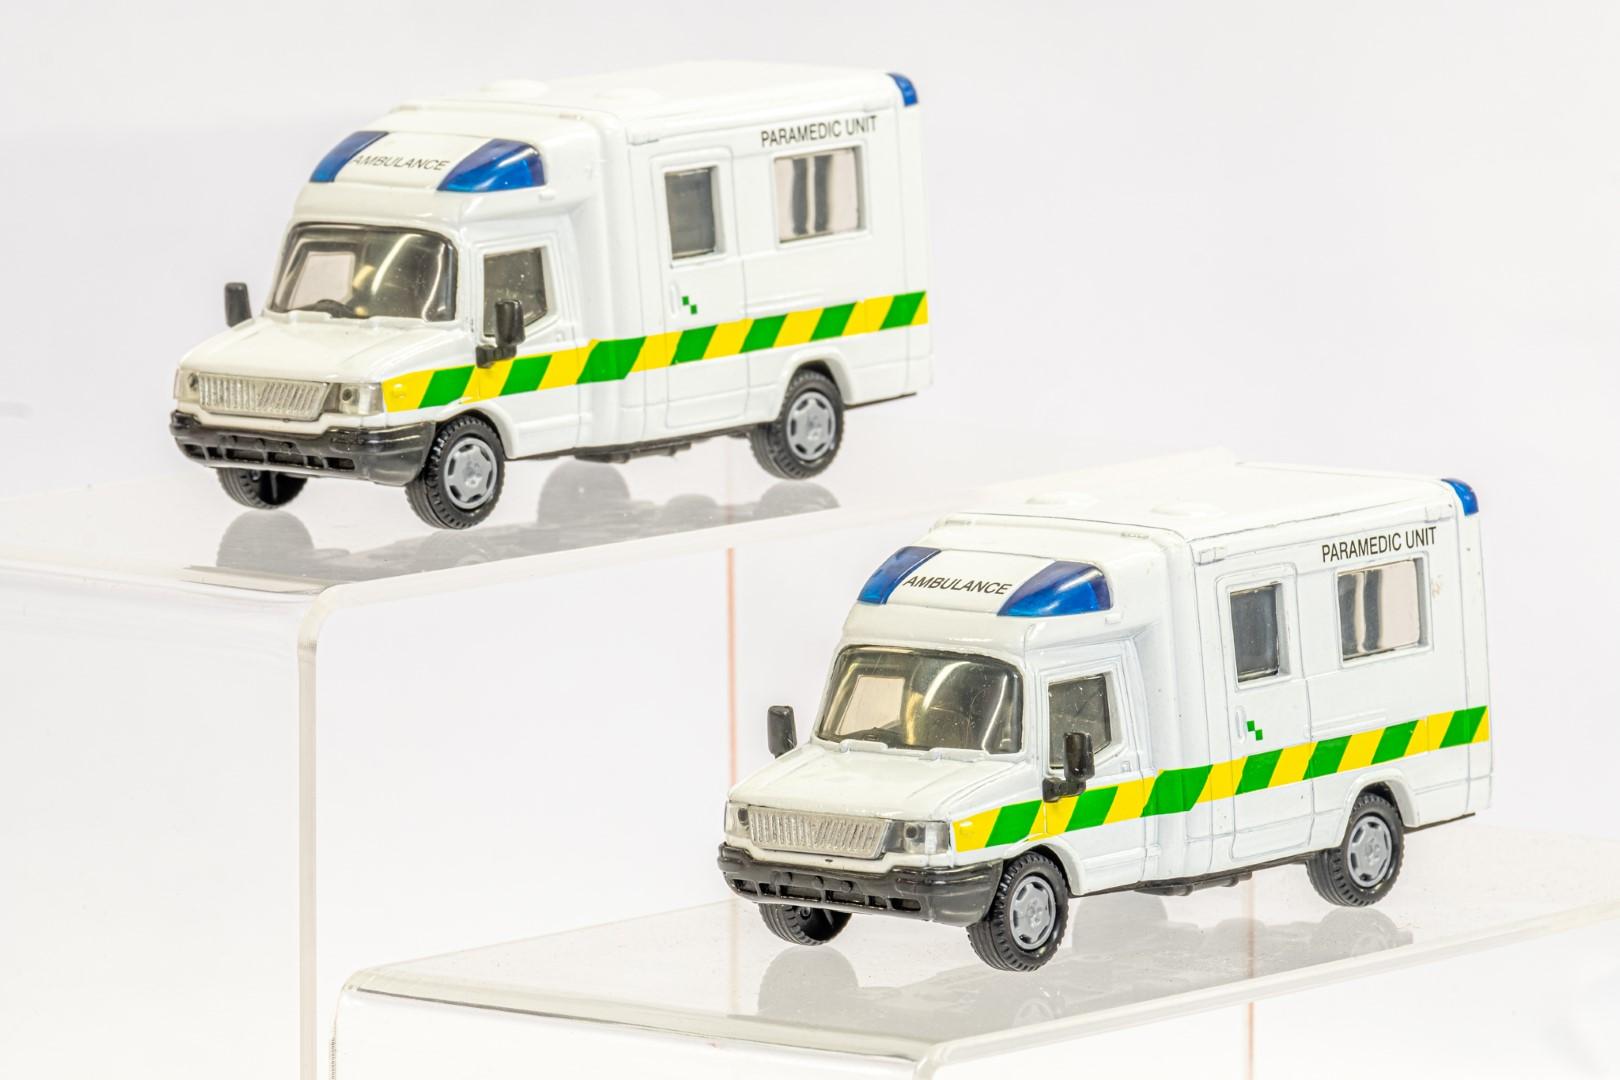 2 x London Ambulances - Unboxed - Image 2 of 3